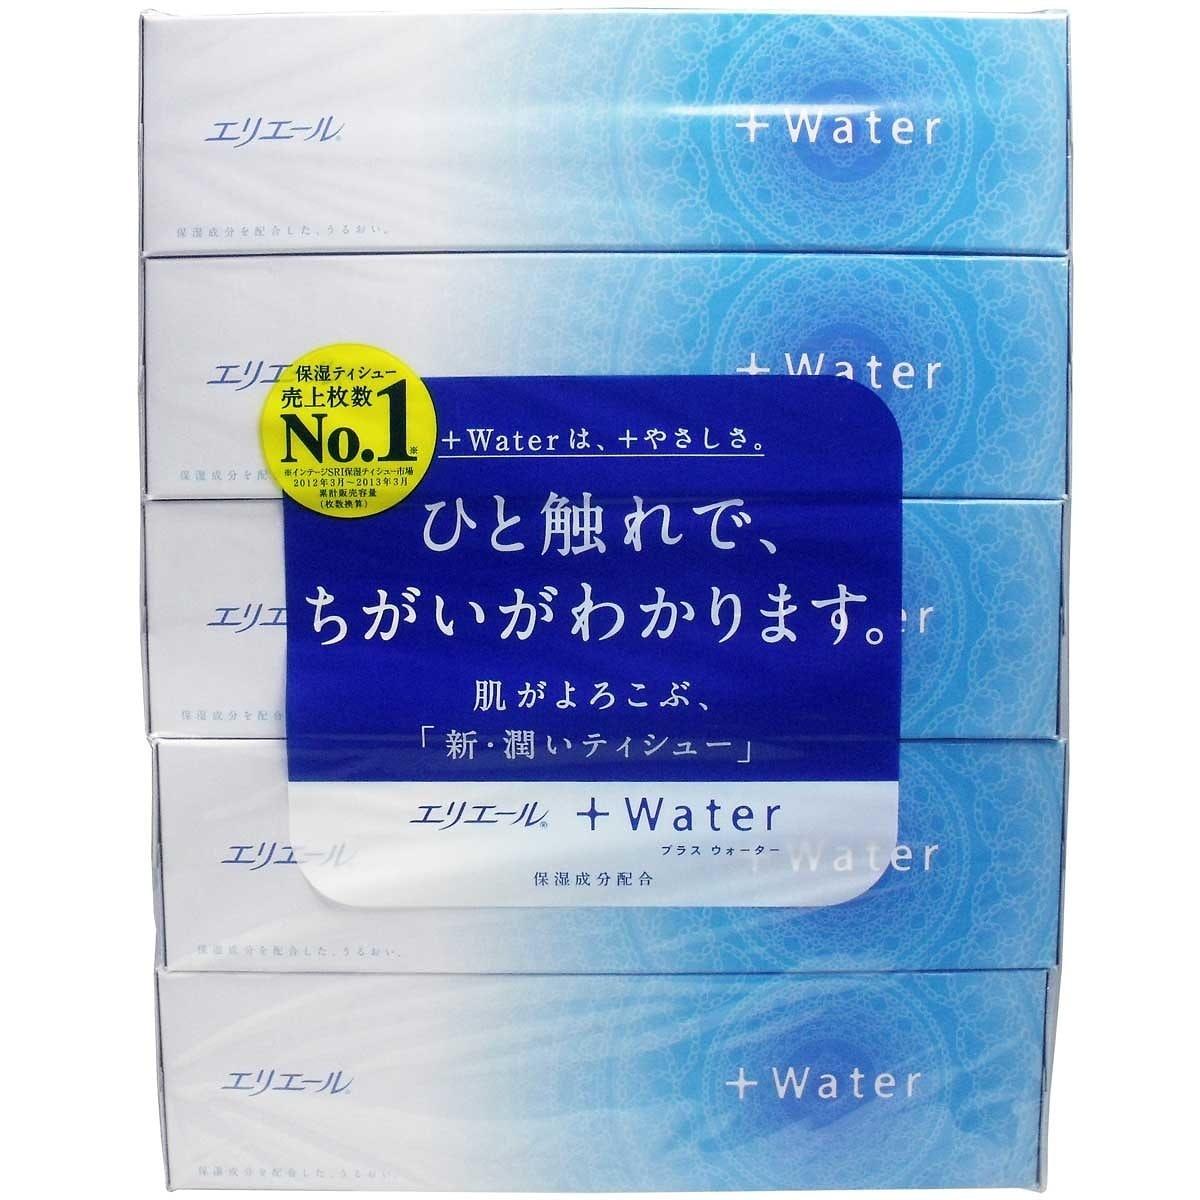 エリエール+Water 180組×5箱入り